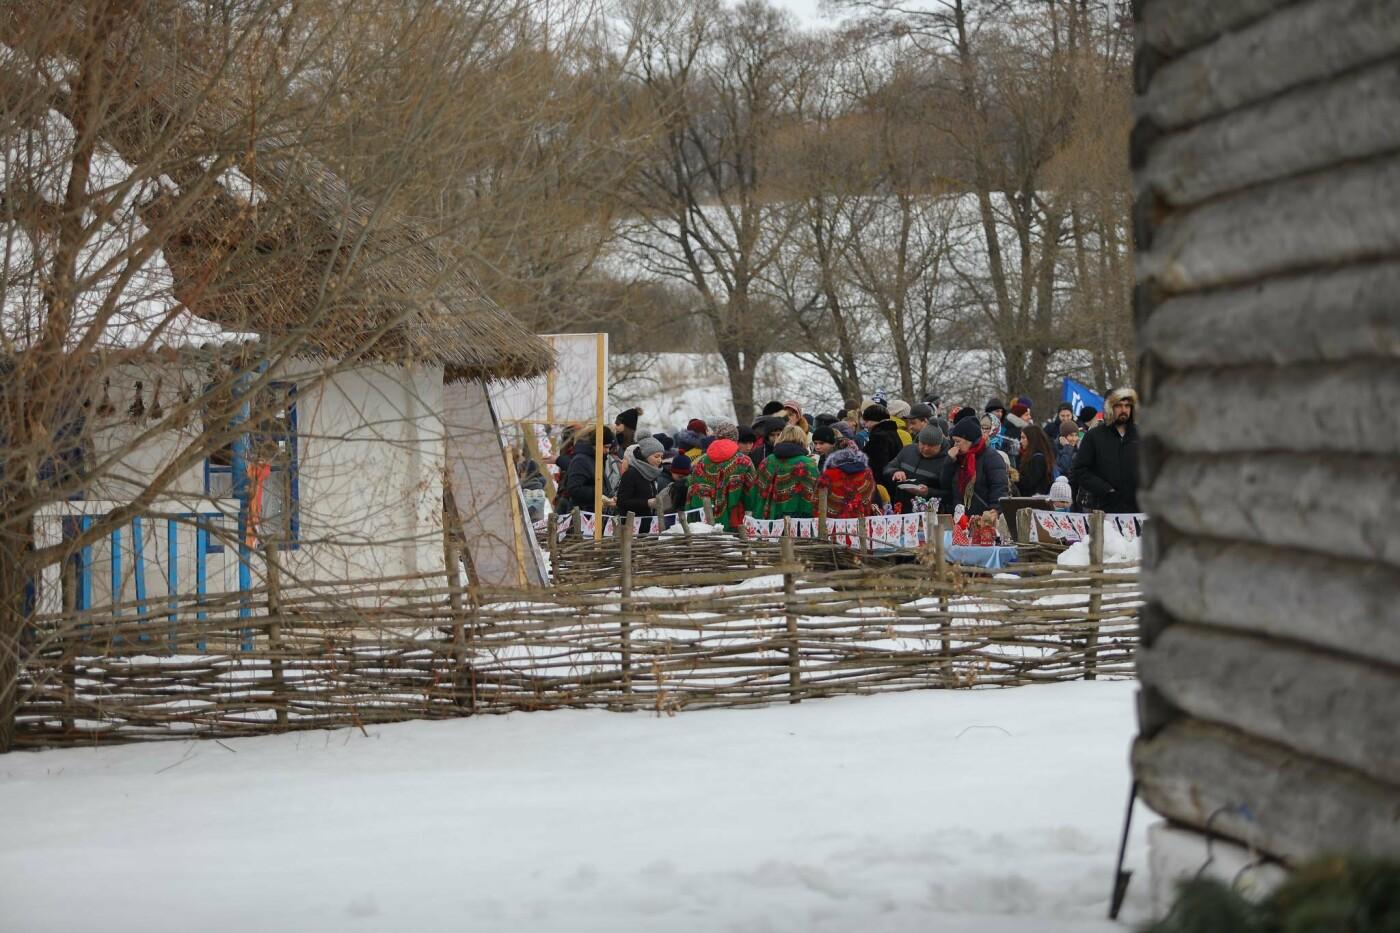 Под Прохоровкой прошёл фестиваль «Маланья зимняя» (фото), фото-5